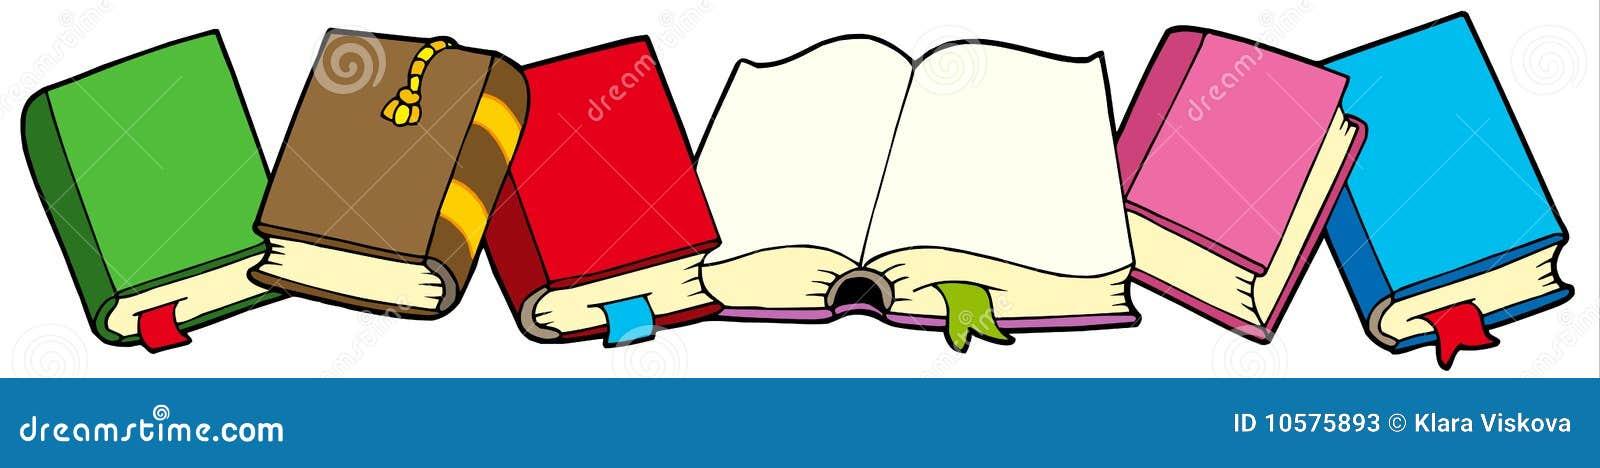 Bücherreihe clipart  Zeile Der Bücher Stockfotos - Bild: 10575893